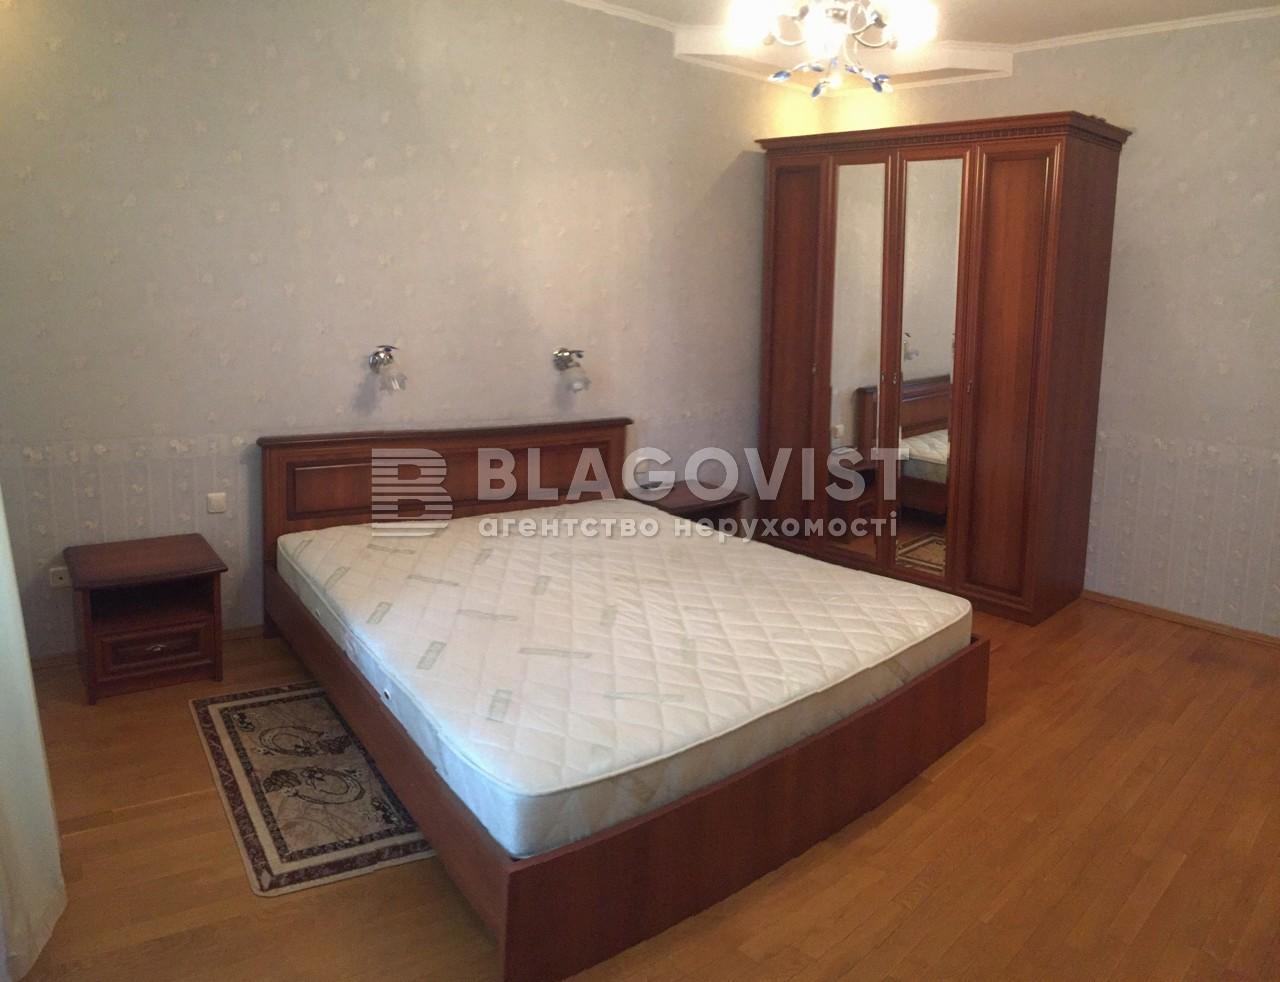 Квартира D-32559, Генерала Алмазова (Кутузова), 14, Киев - Фото 6